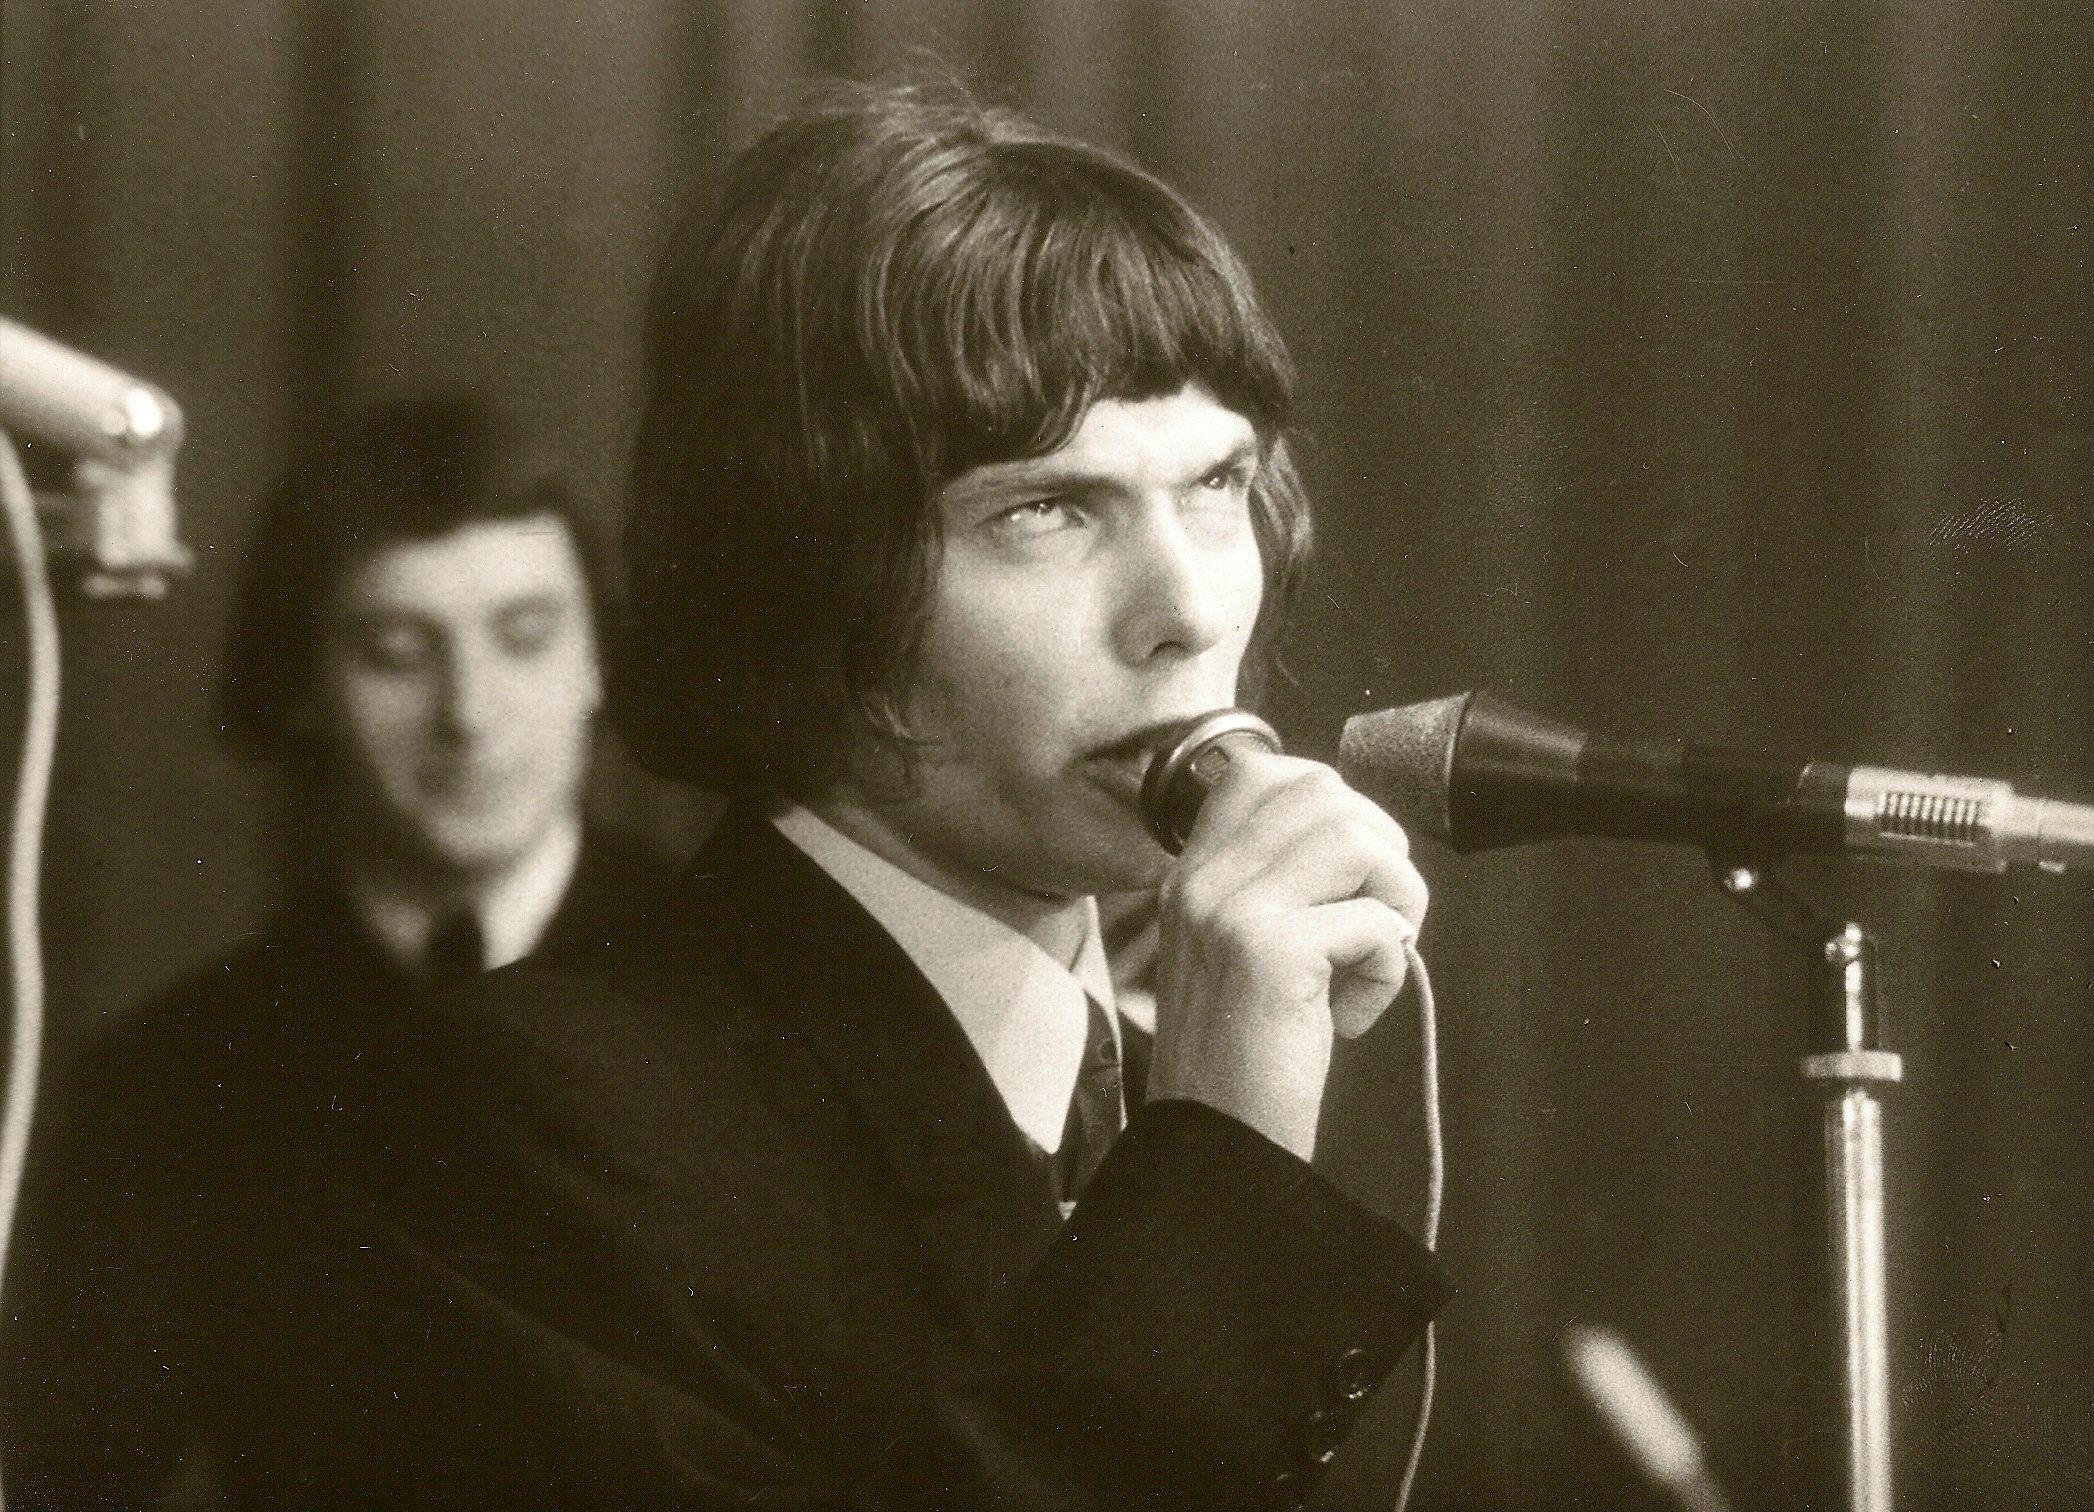 2. kép. <em>A válogatás</em>. Gazdag Gyula, 1970.